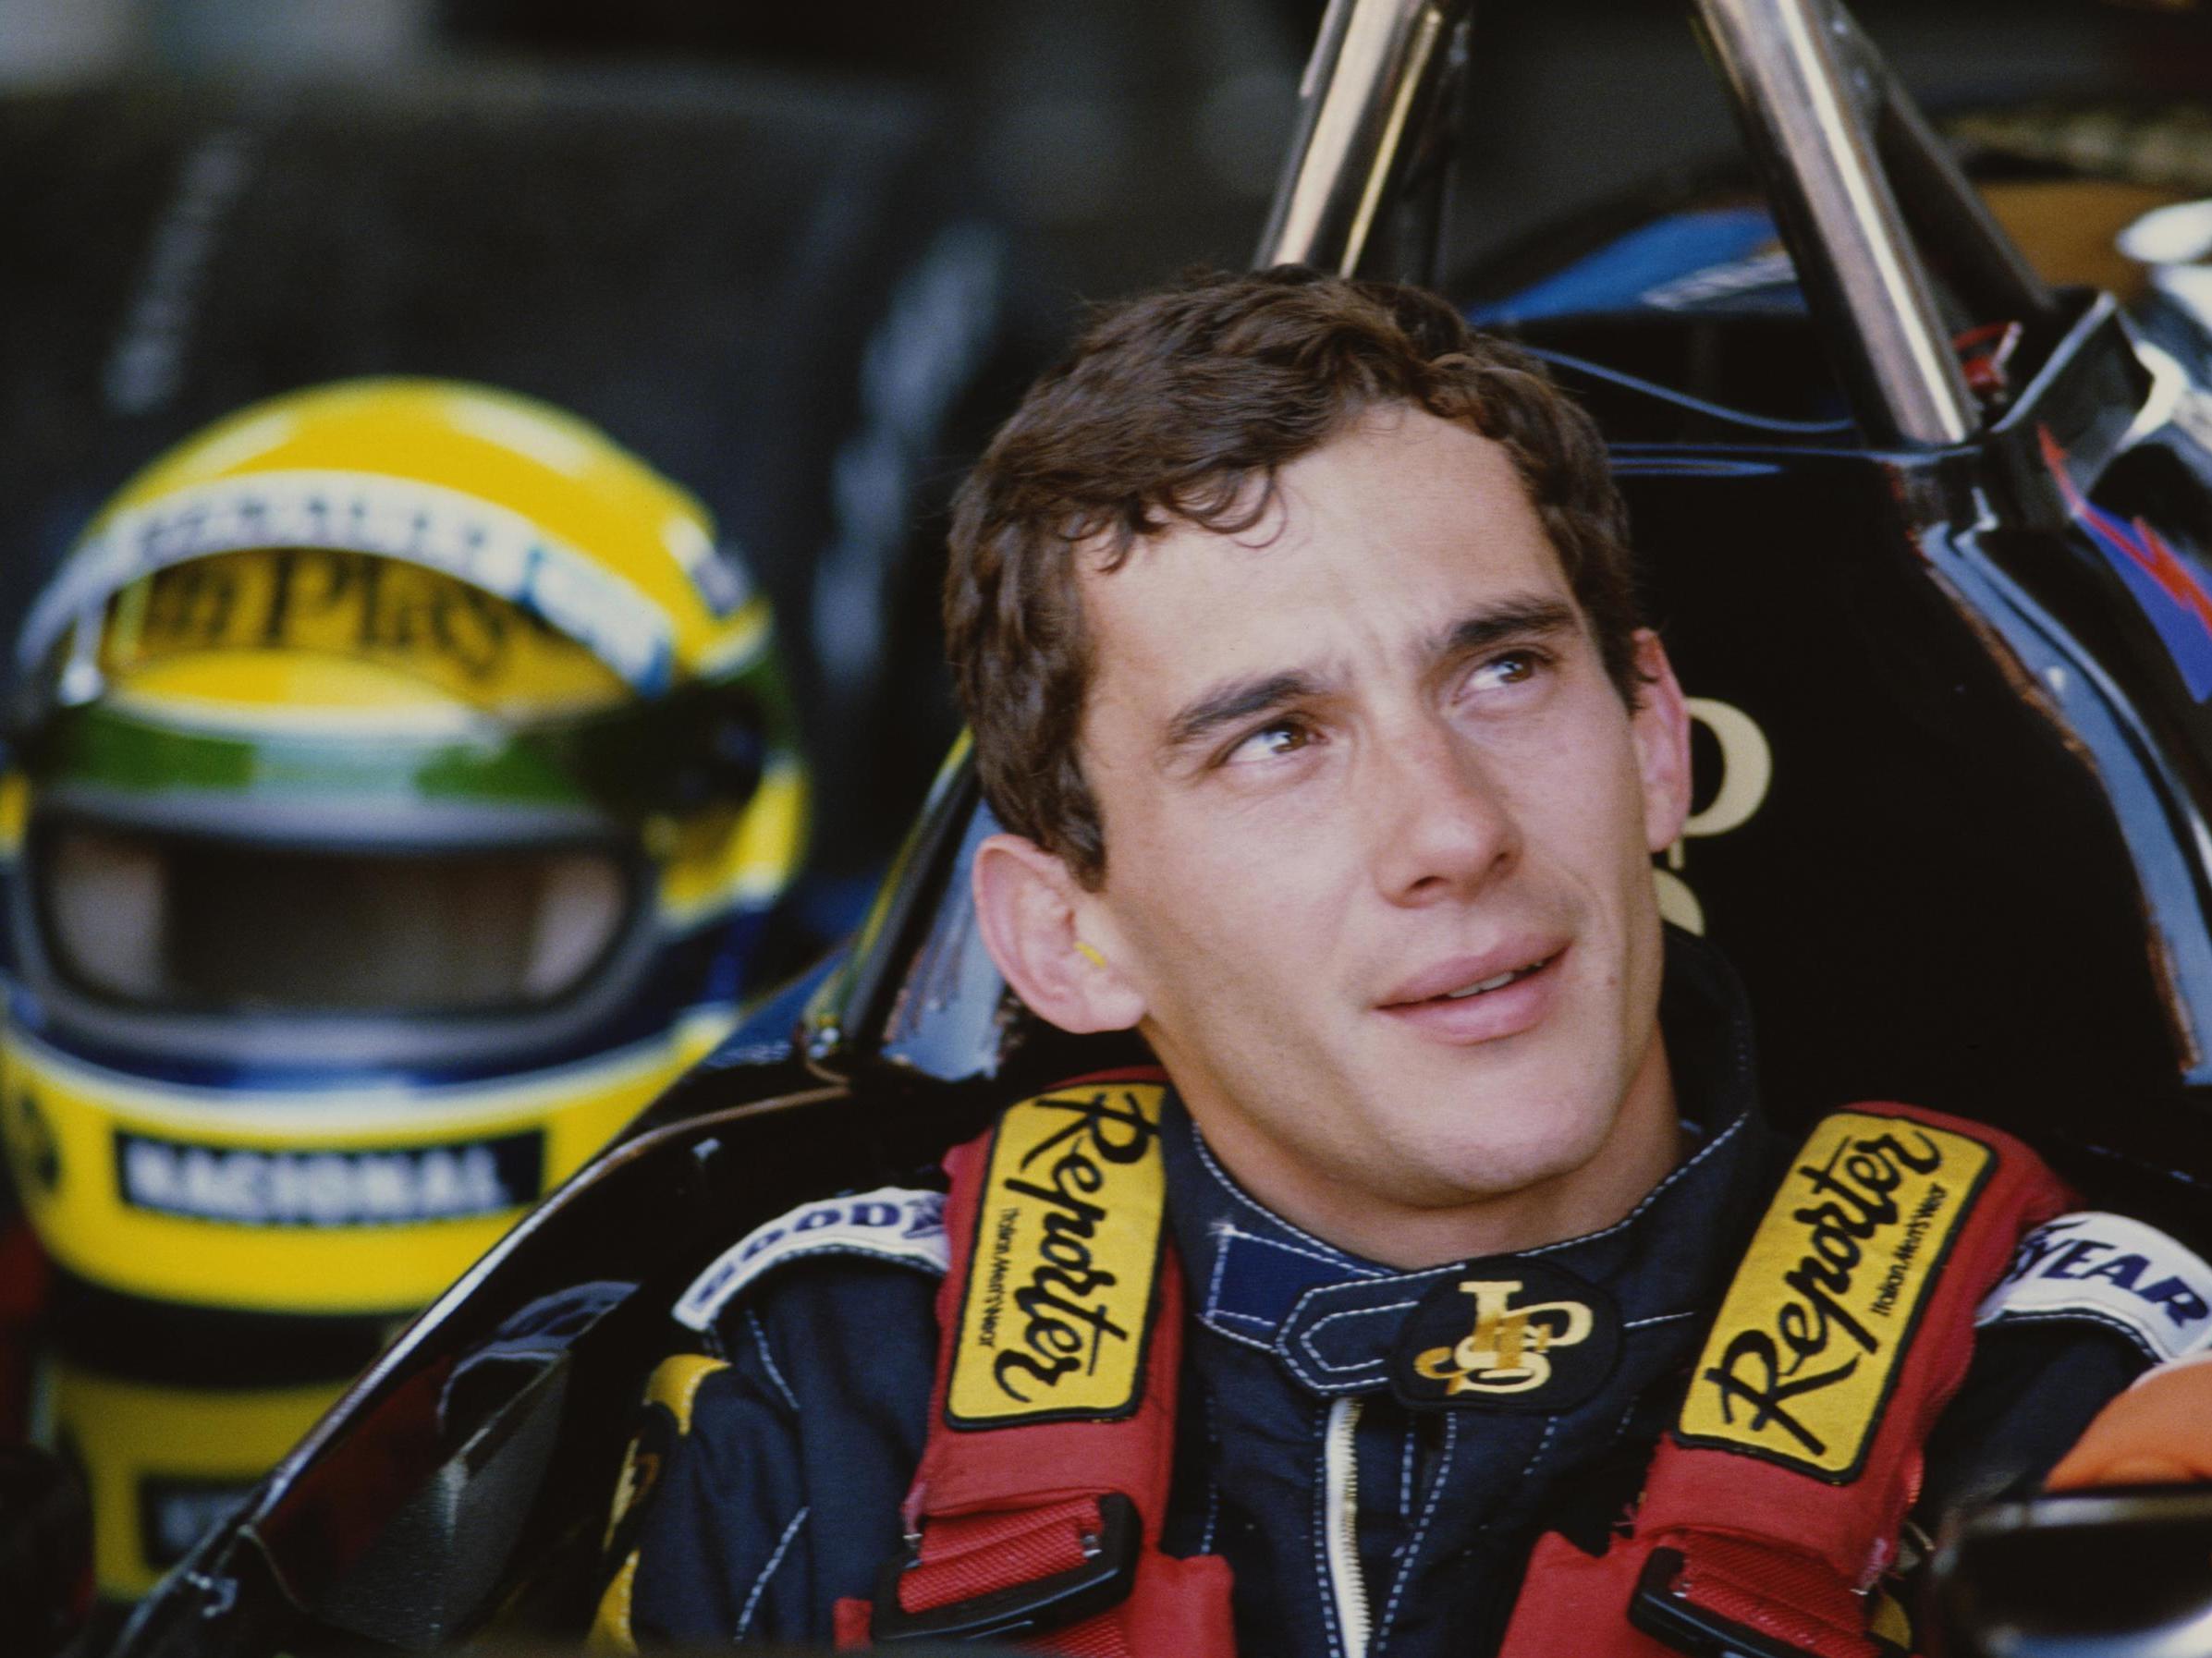 Arton Senna